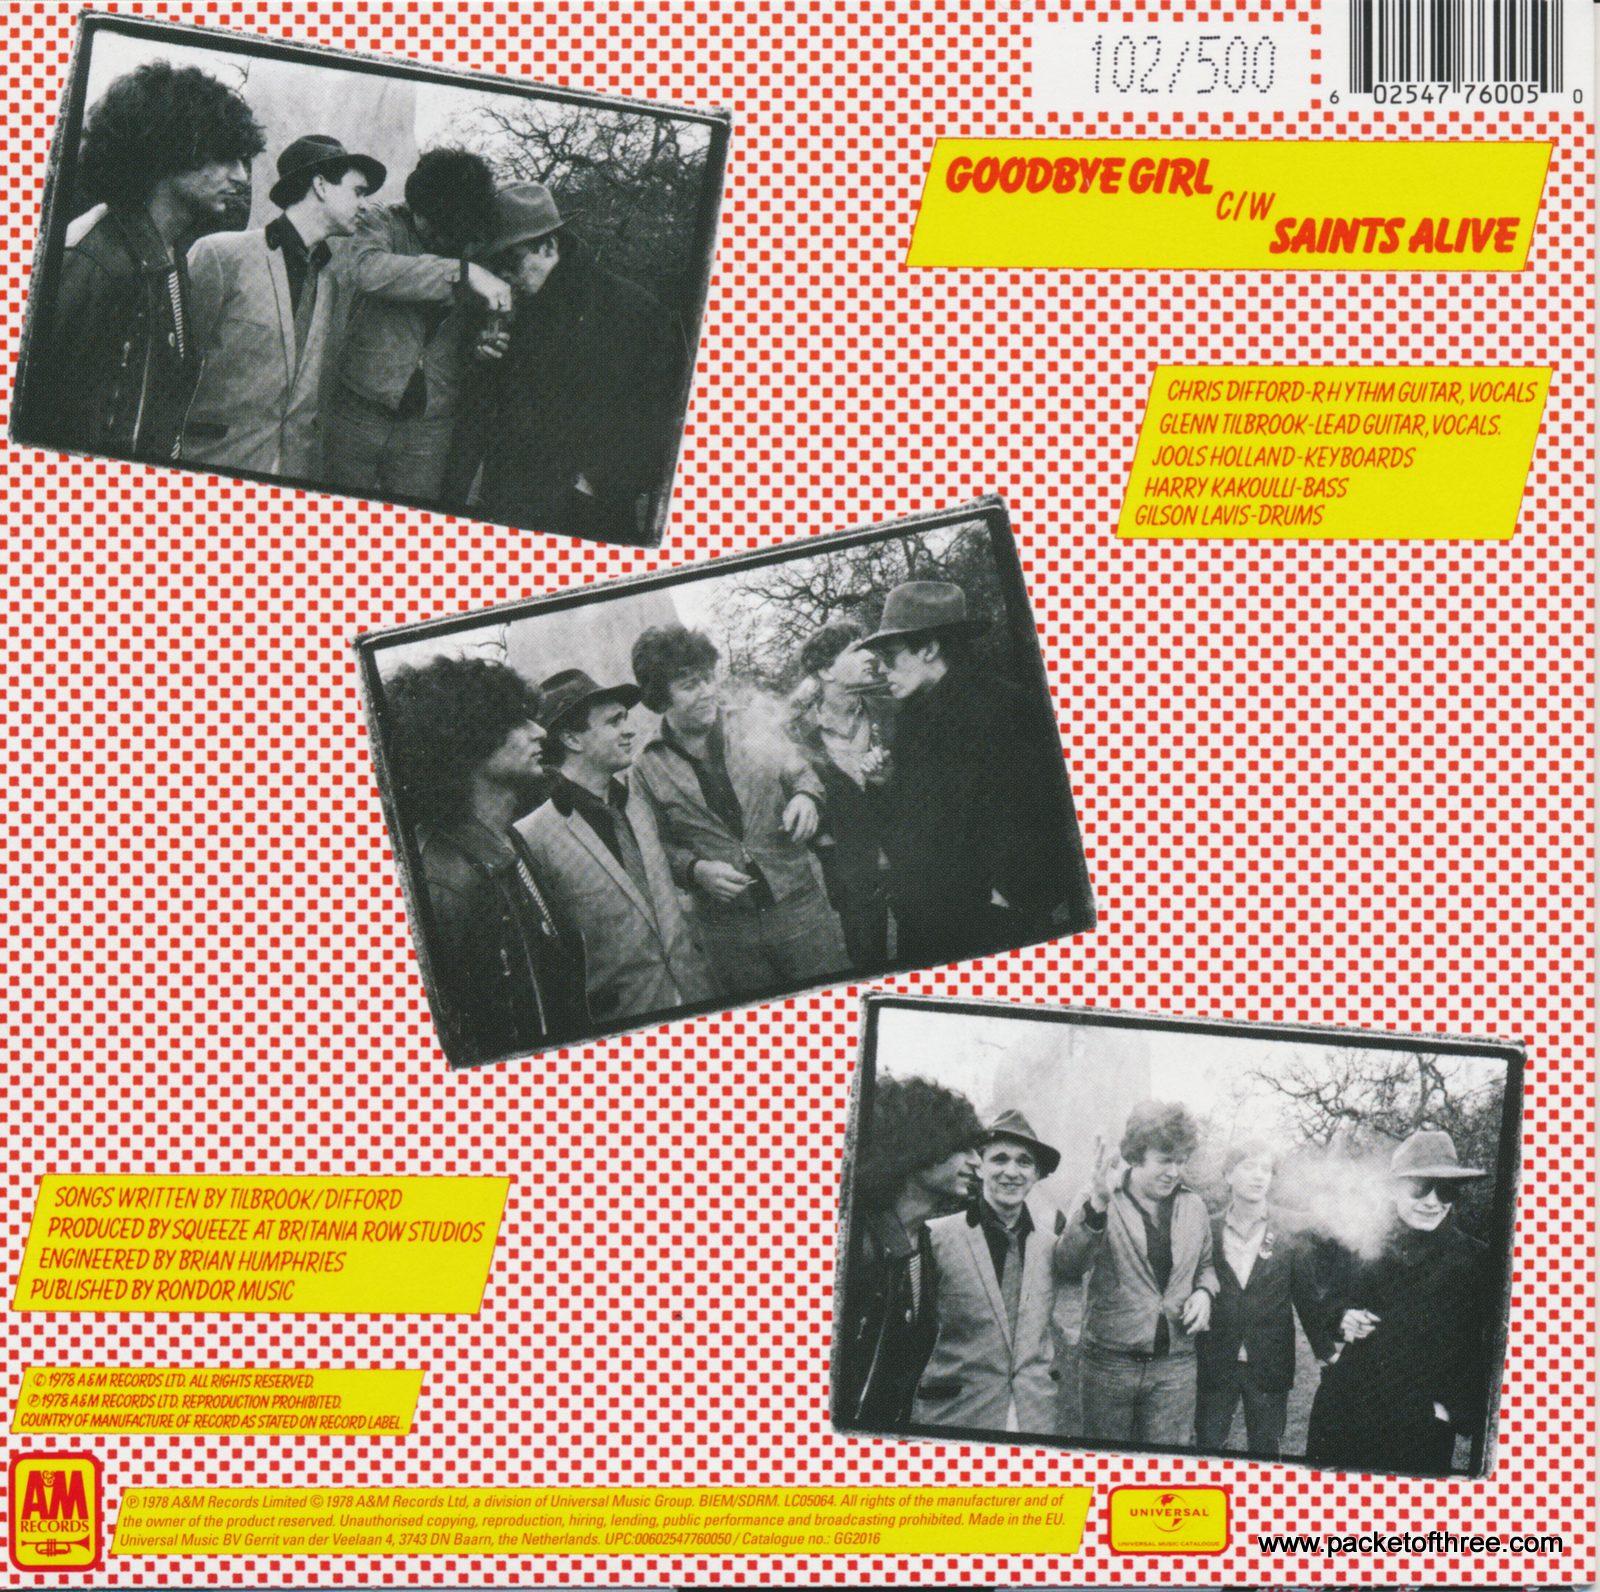 """Goodbye Girl - UK - 7"""" yellow vinyl picture sleeve"""